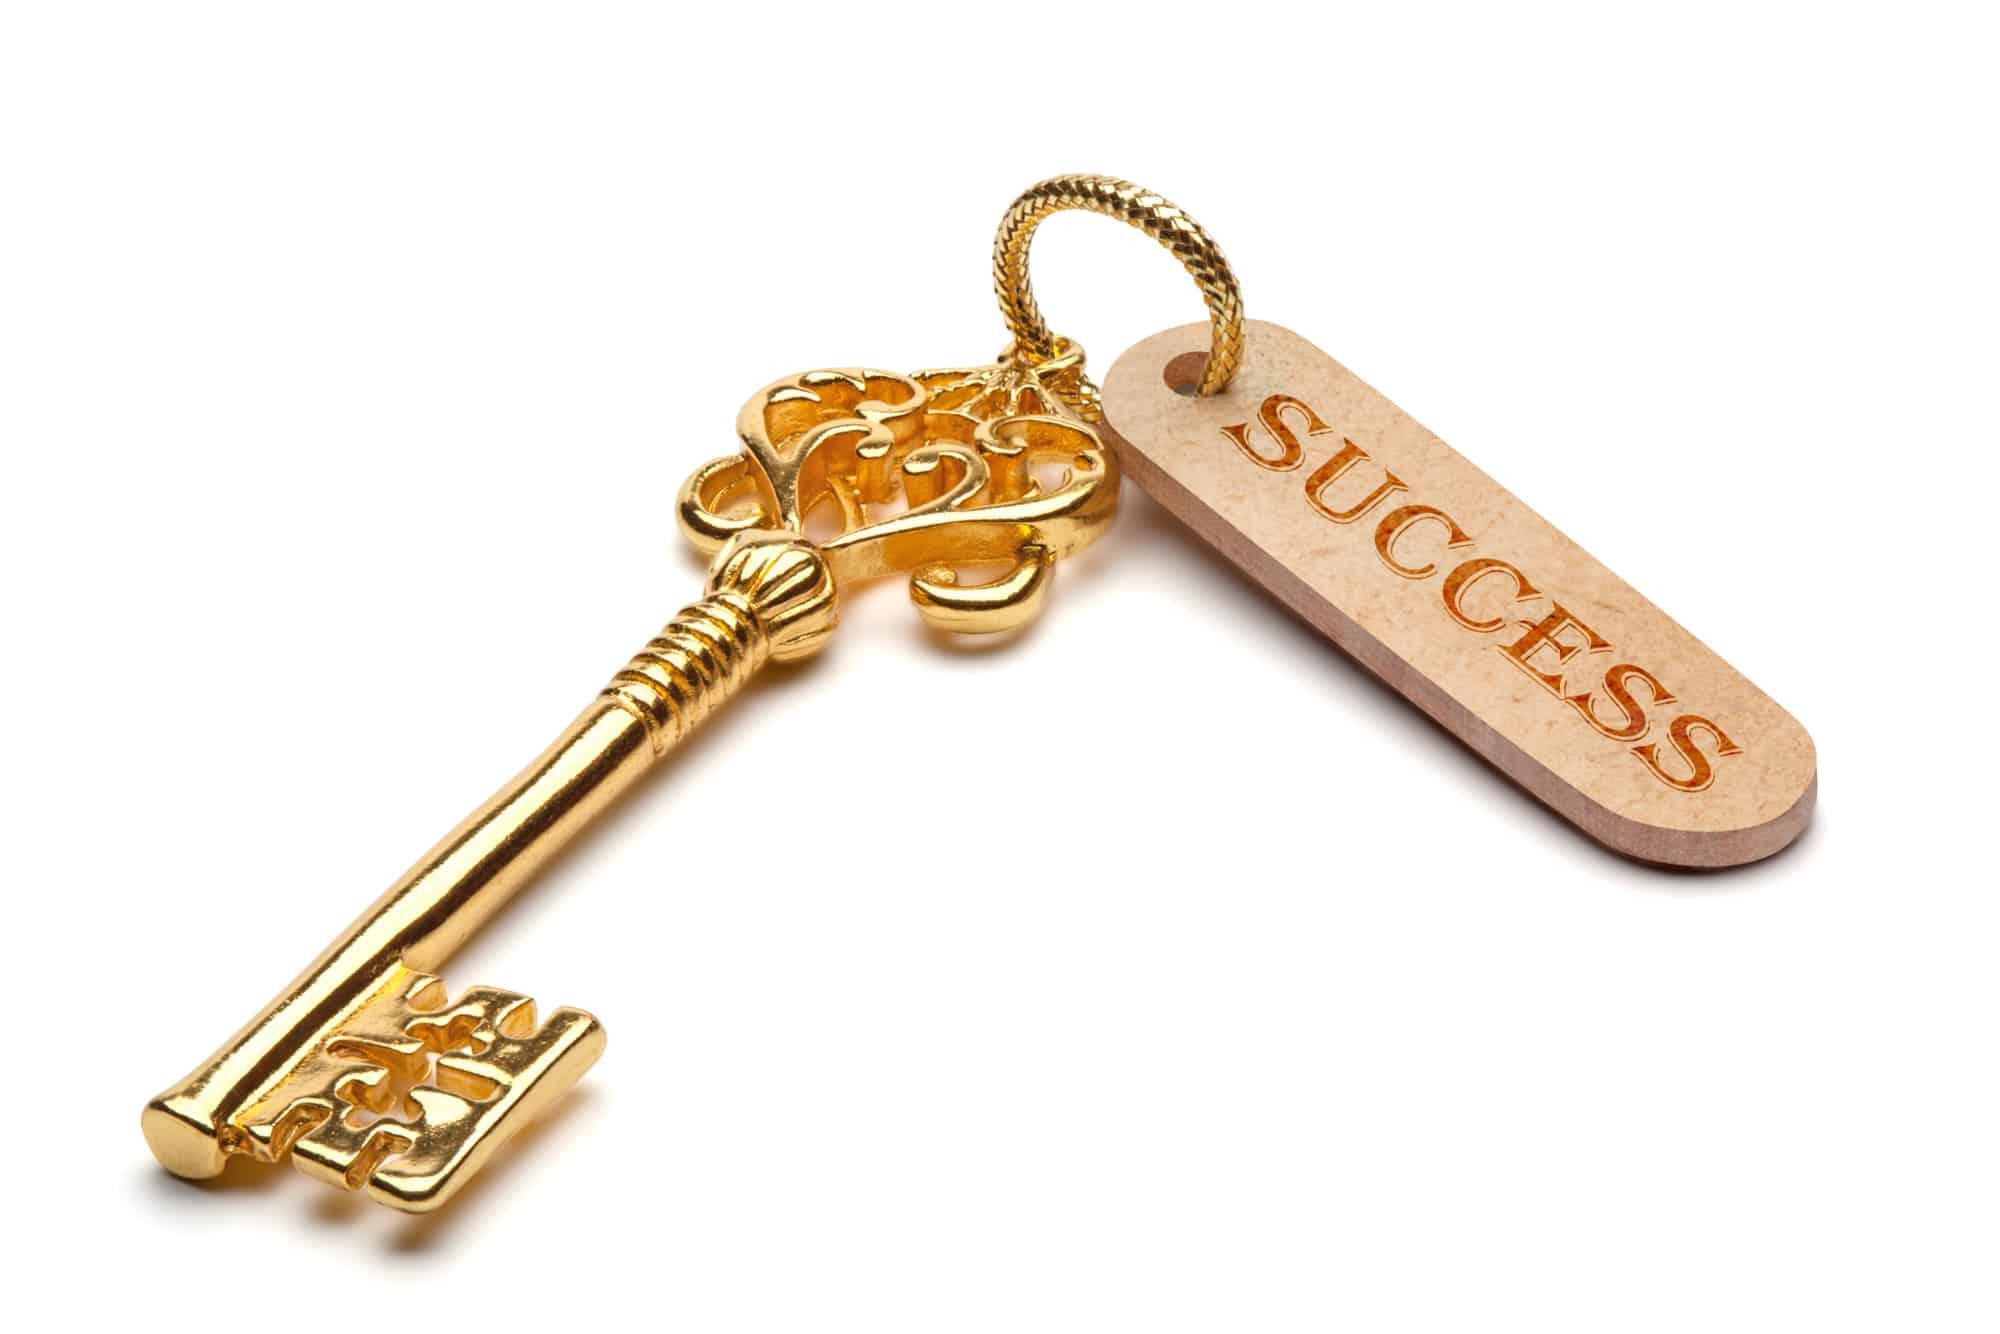 كشف النص عن بعض وسائل النجاح في الحياة